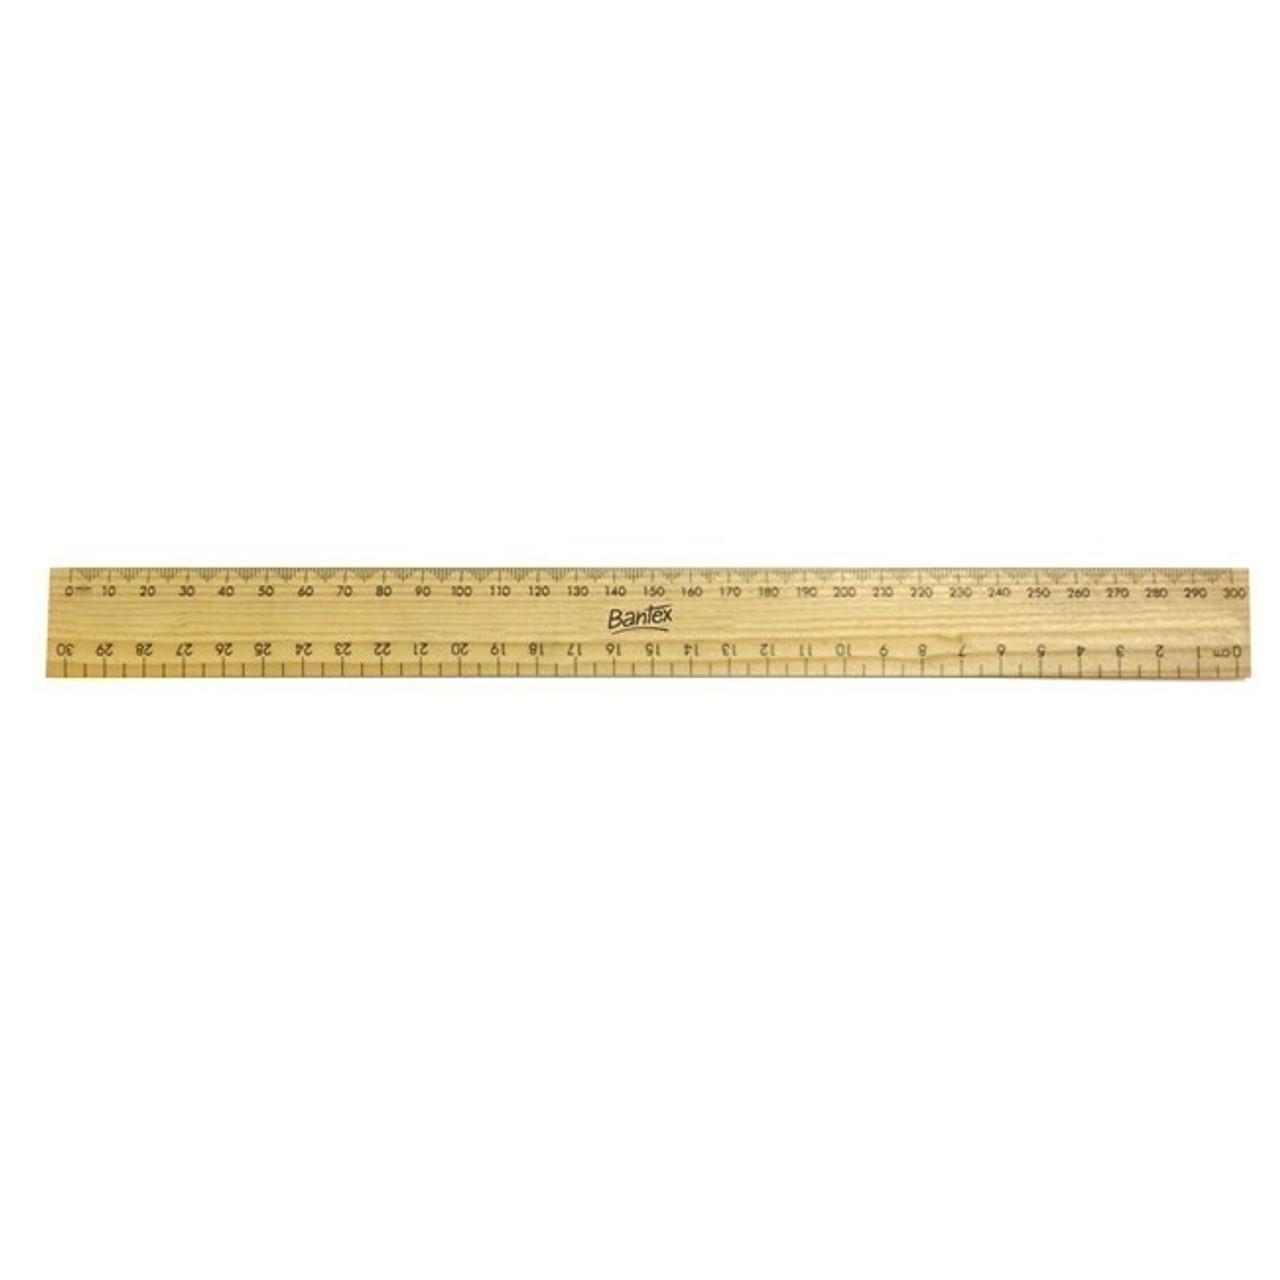 Bantex 100851745 Ruler Wooden 30cm Polished Bulk Packaging